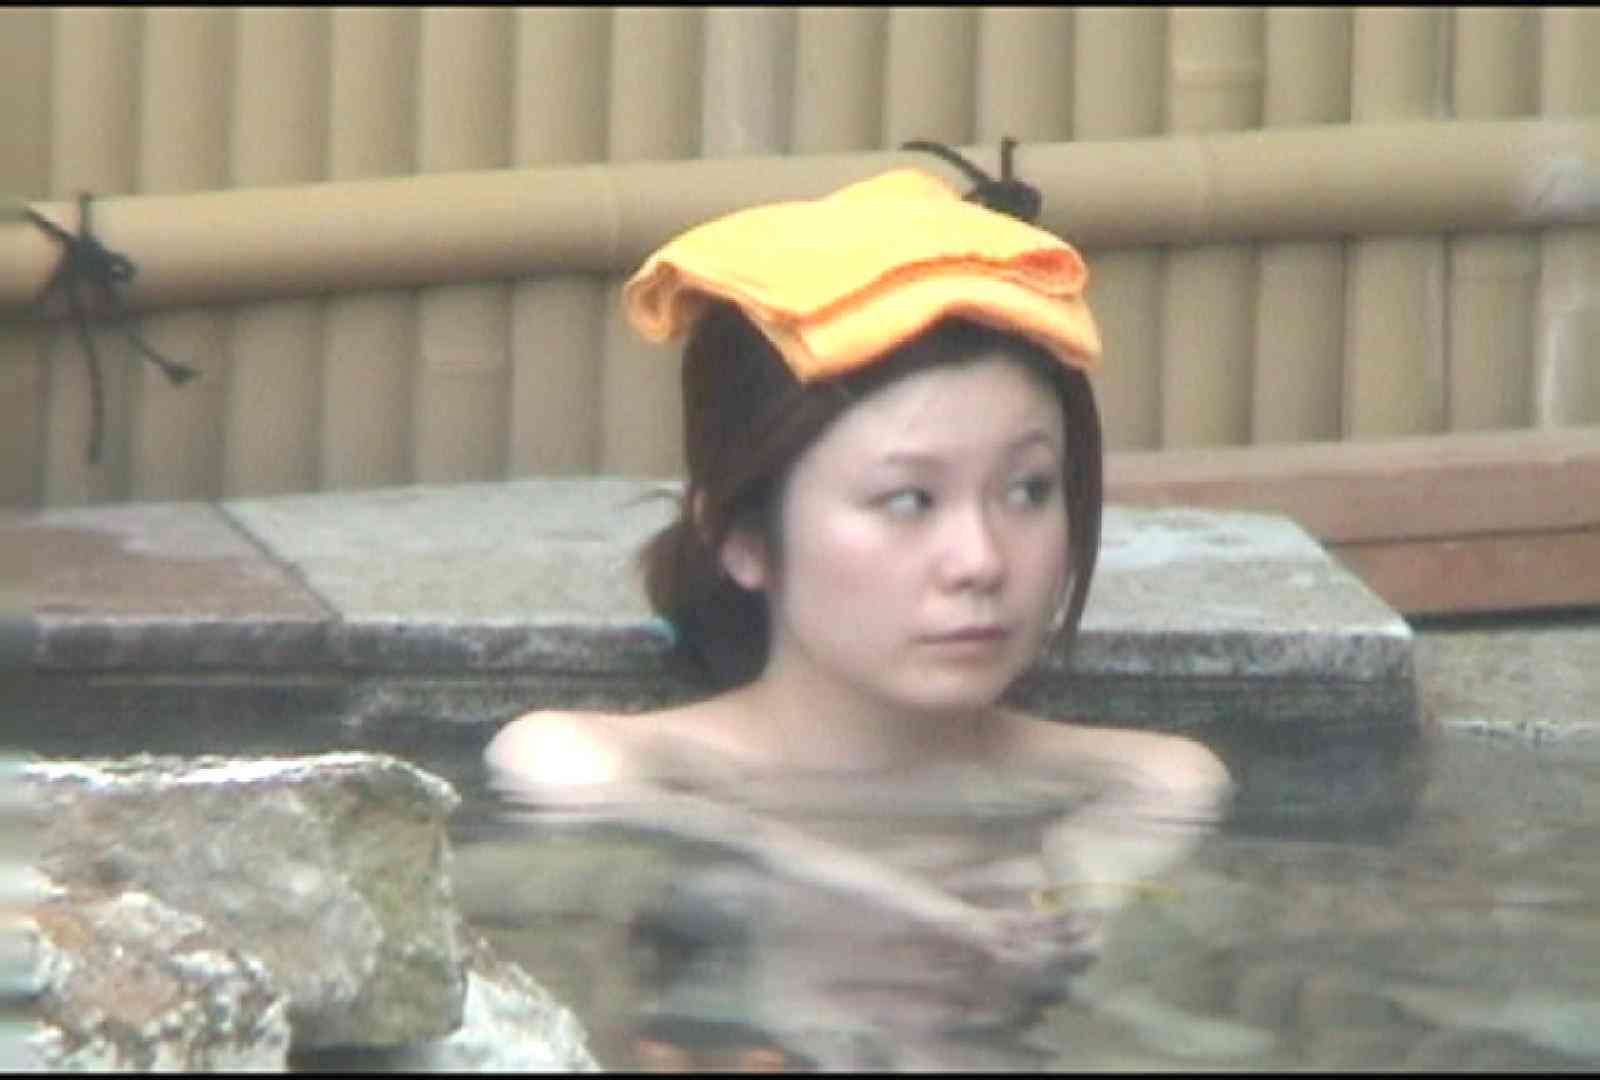 Aquaな露天風呂Vol.177 露天風呂 | 盗撮  40連発 13